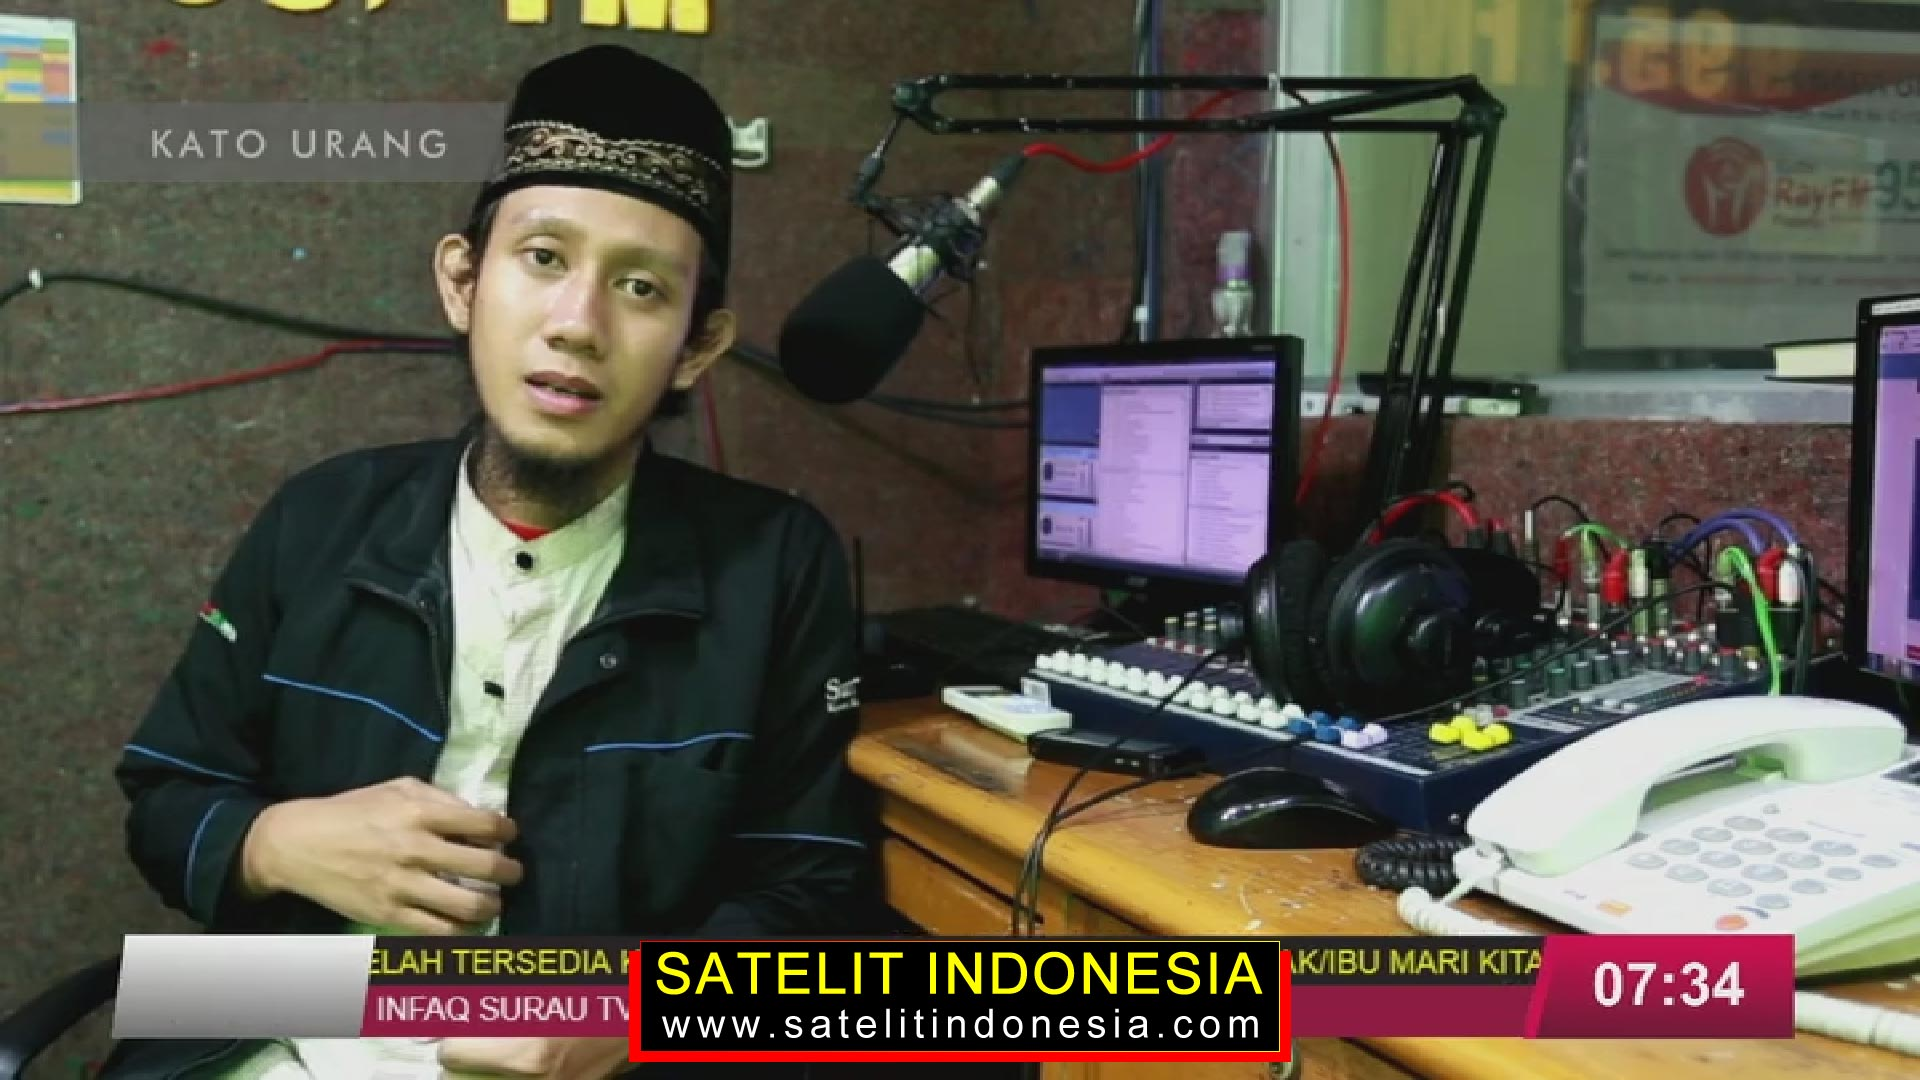 Frekuensi siaran Surau TV di satelit Telkom 4 Terbaru